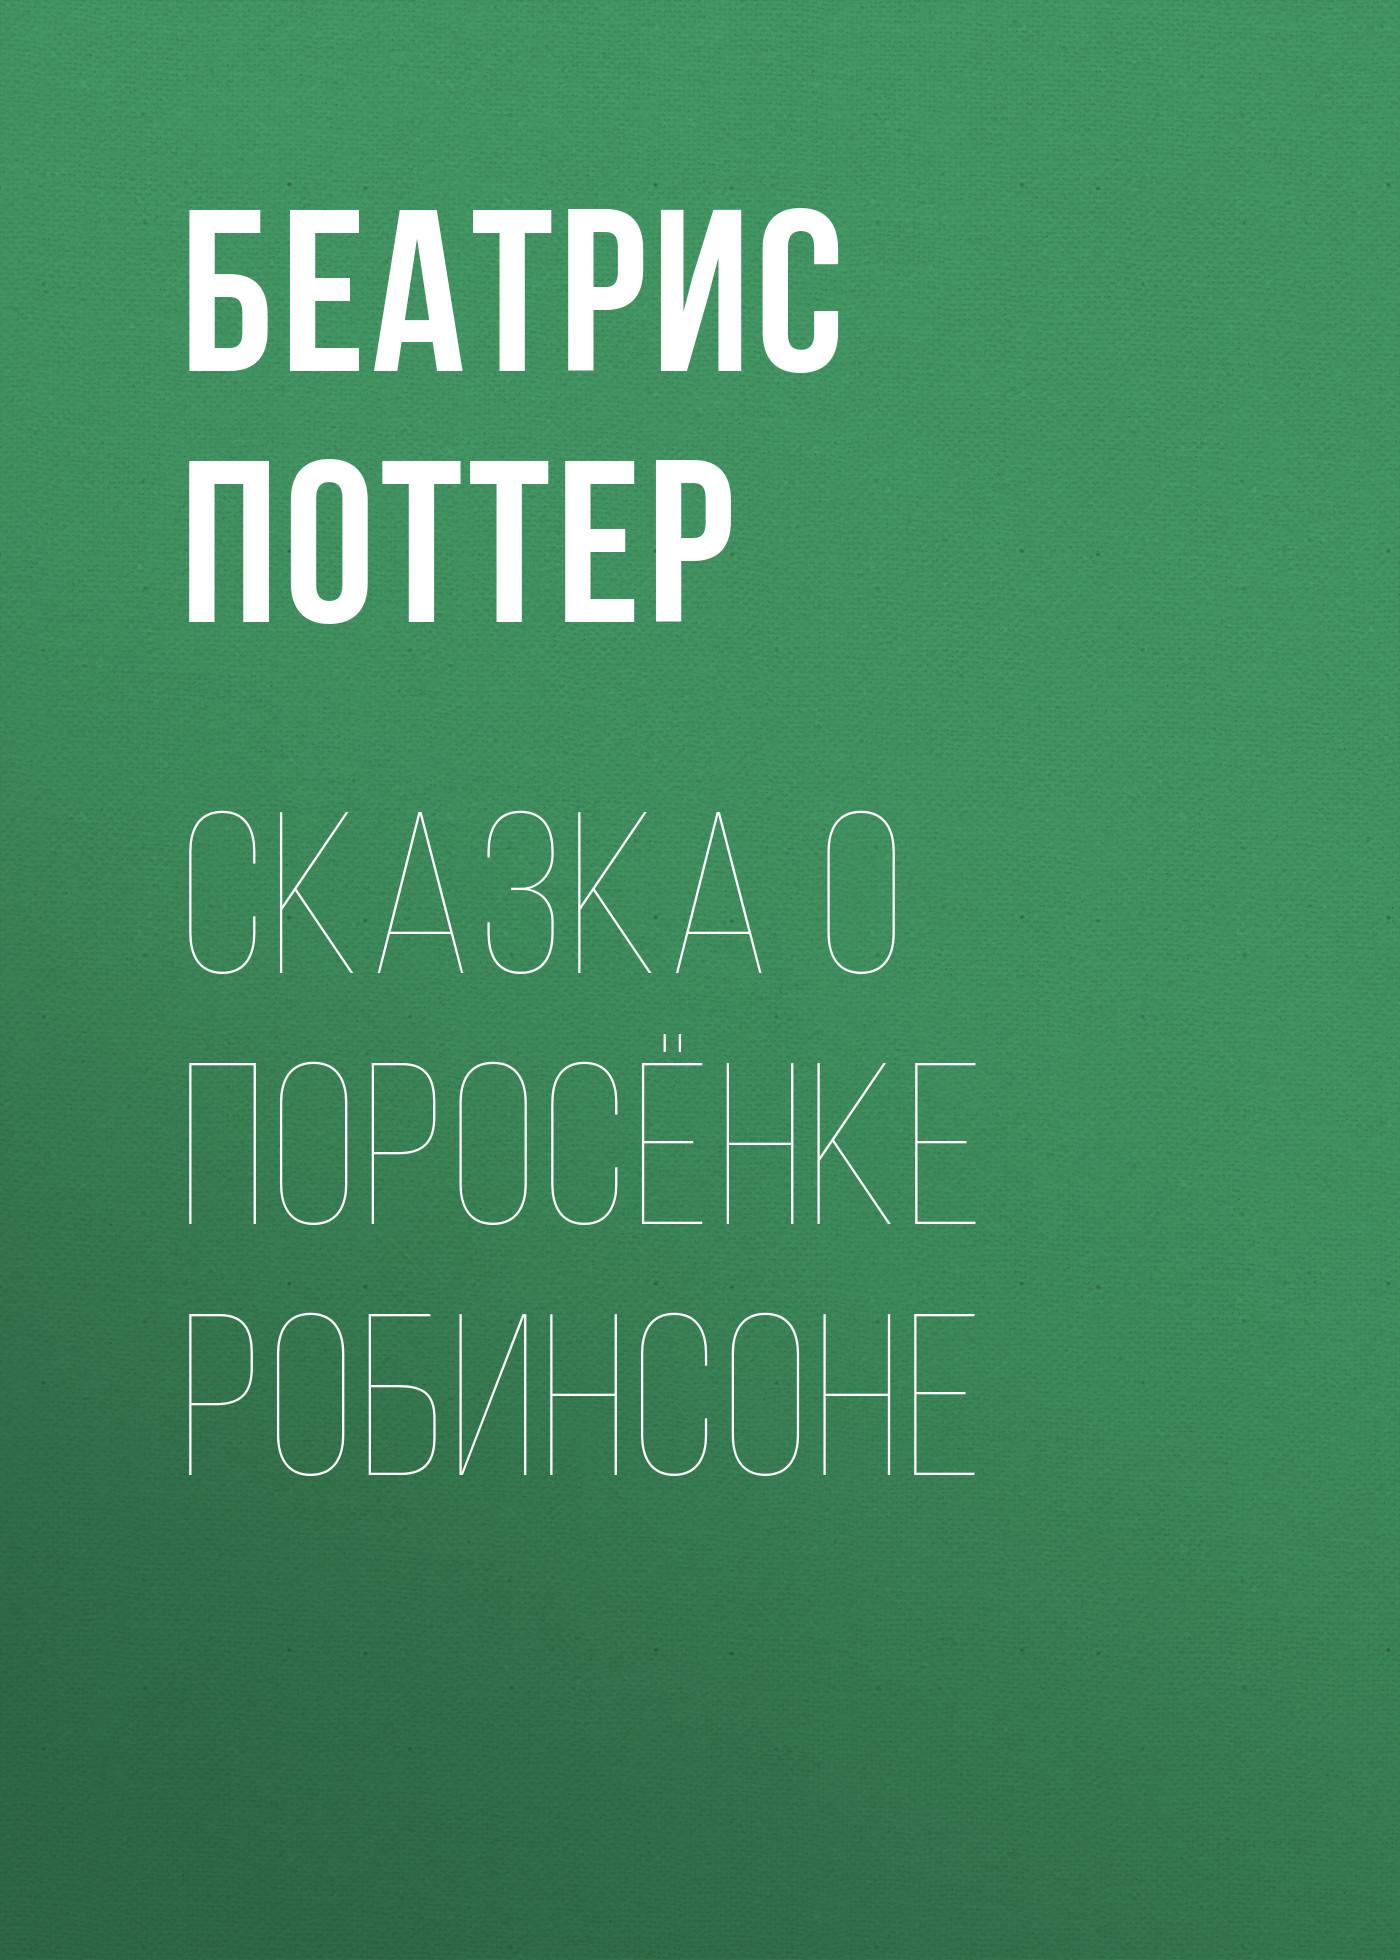 Беатрис Поттер - Сказка о поросёнке Робинсоне